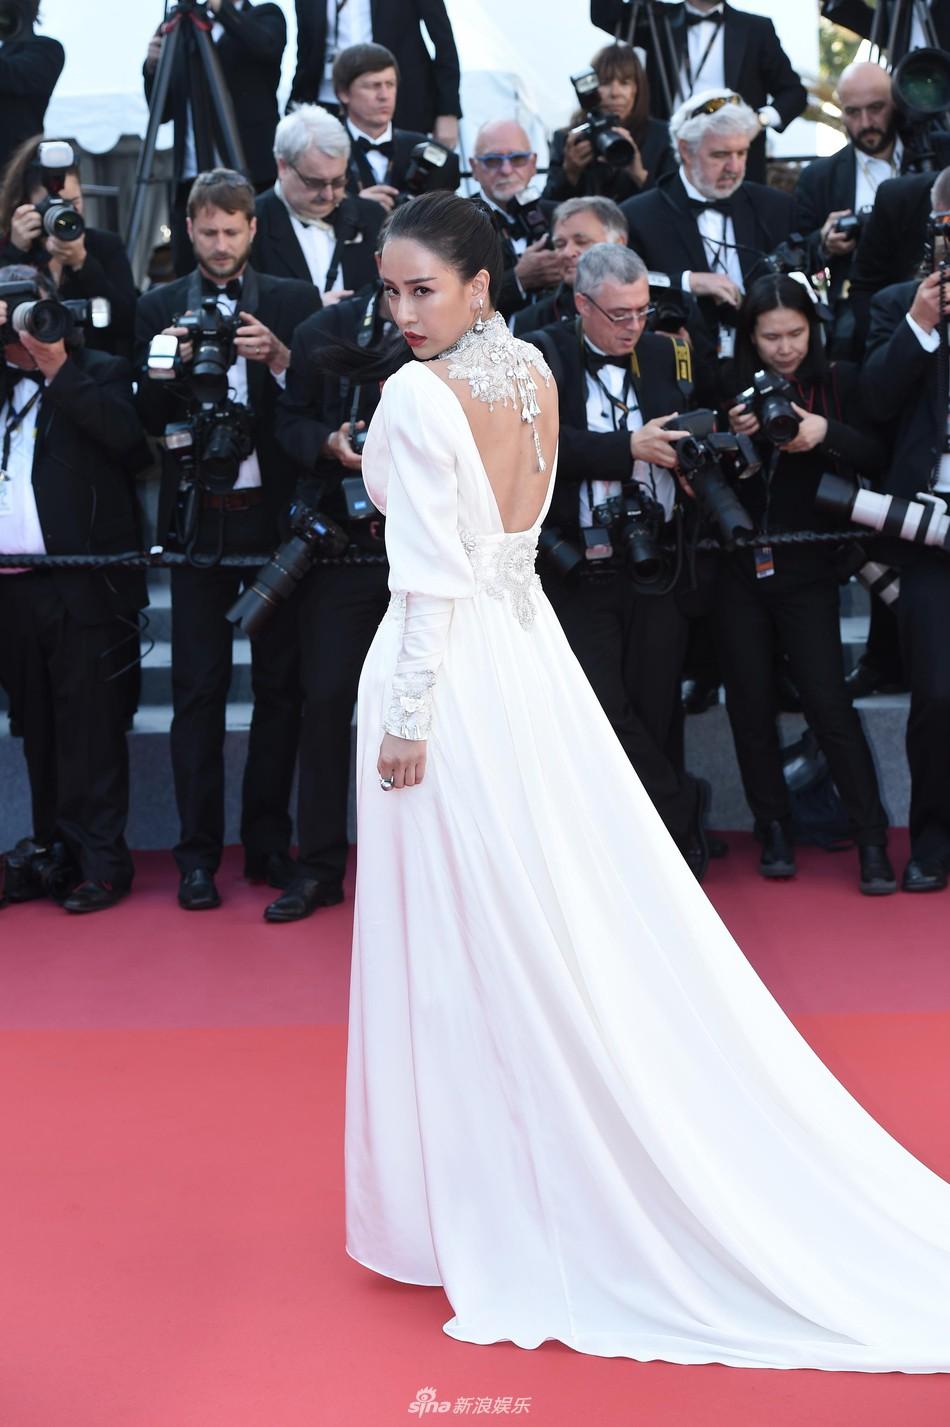 Thảm đỏ Cannes: Đây mới chính là nữ hoàng Phạm Băng Băng mà tất cả cùng mong chờ! - Ảnh 17.